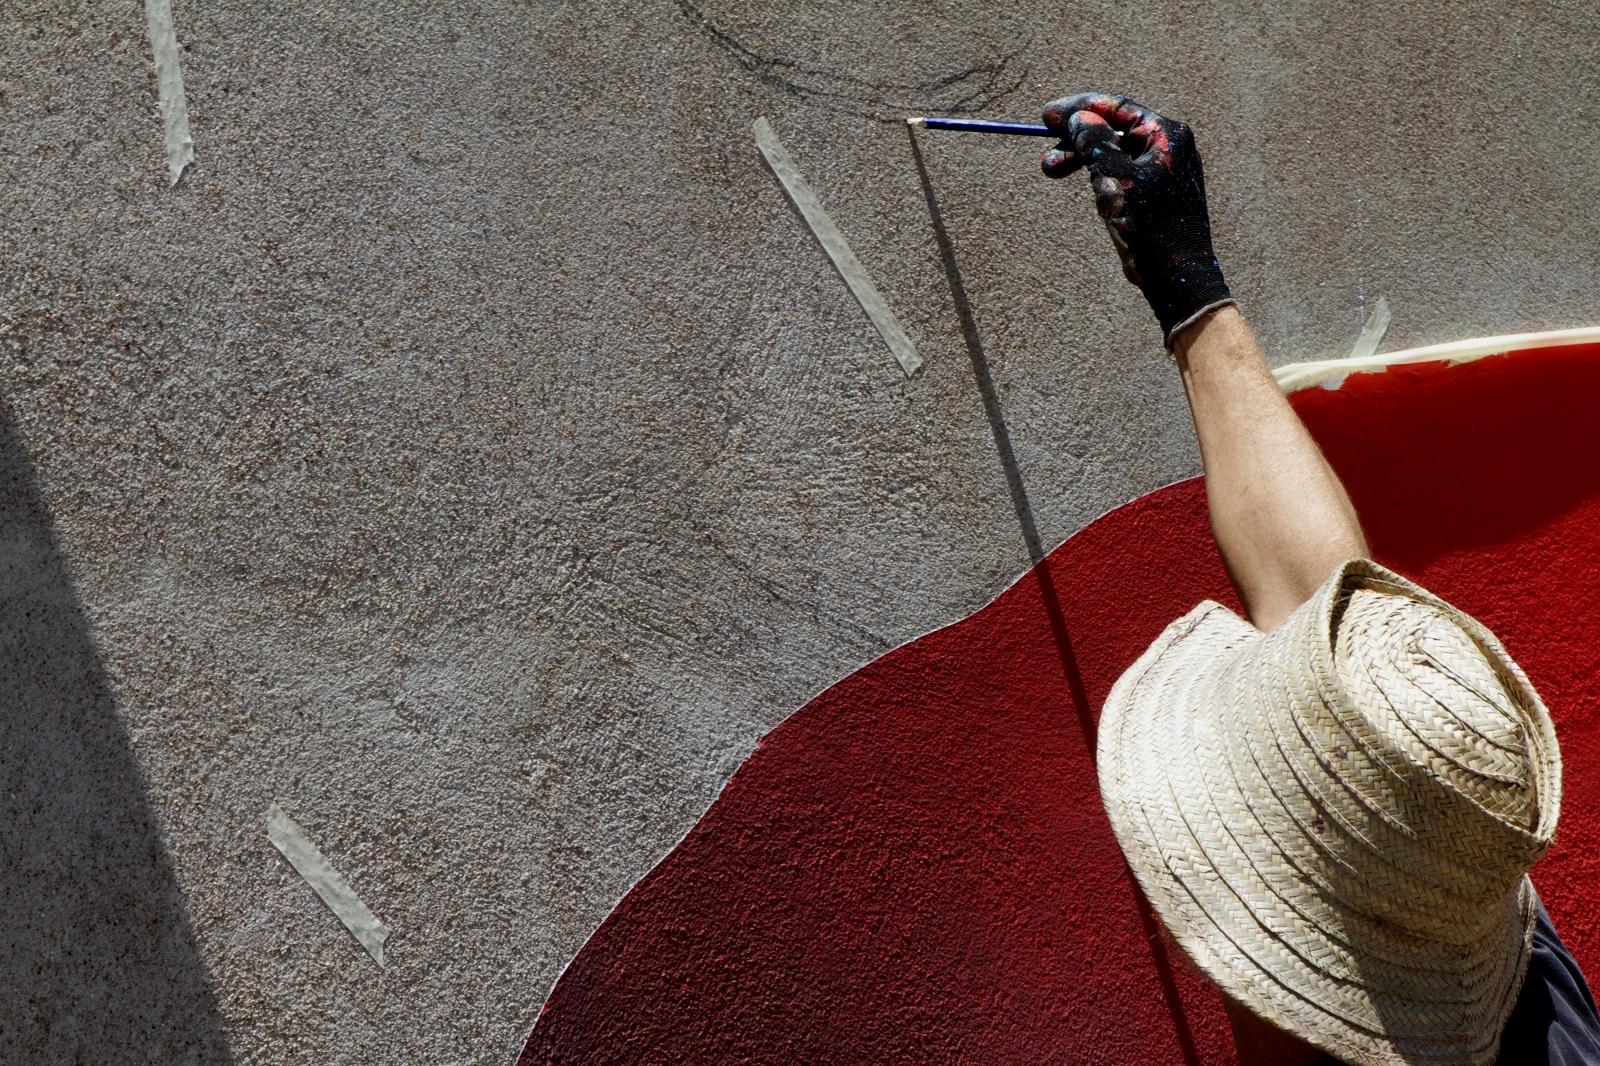 momo-new-murals-for-bien-urbain-festival-2014-01